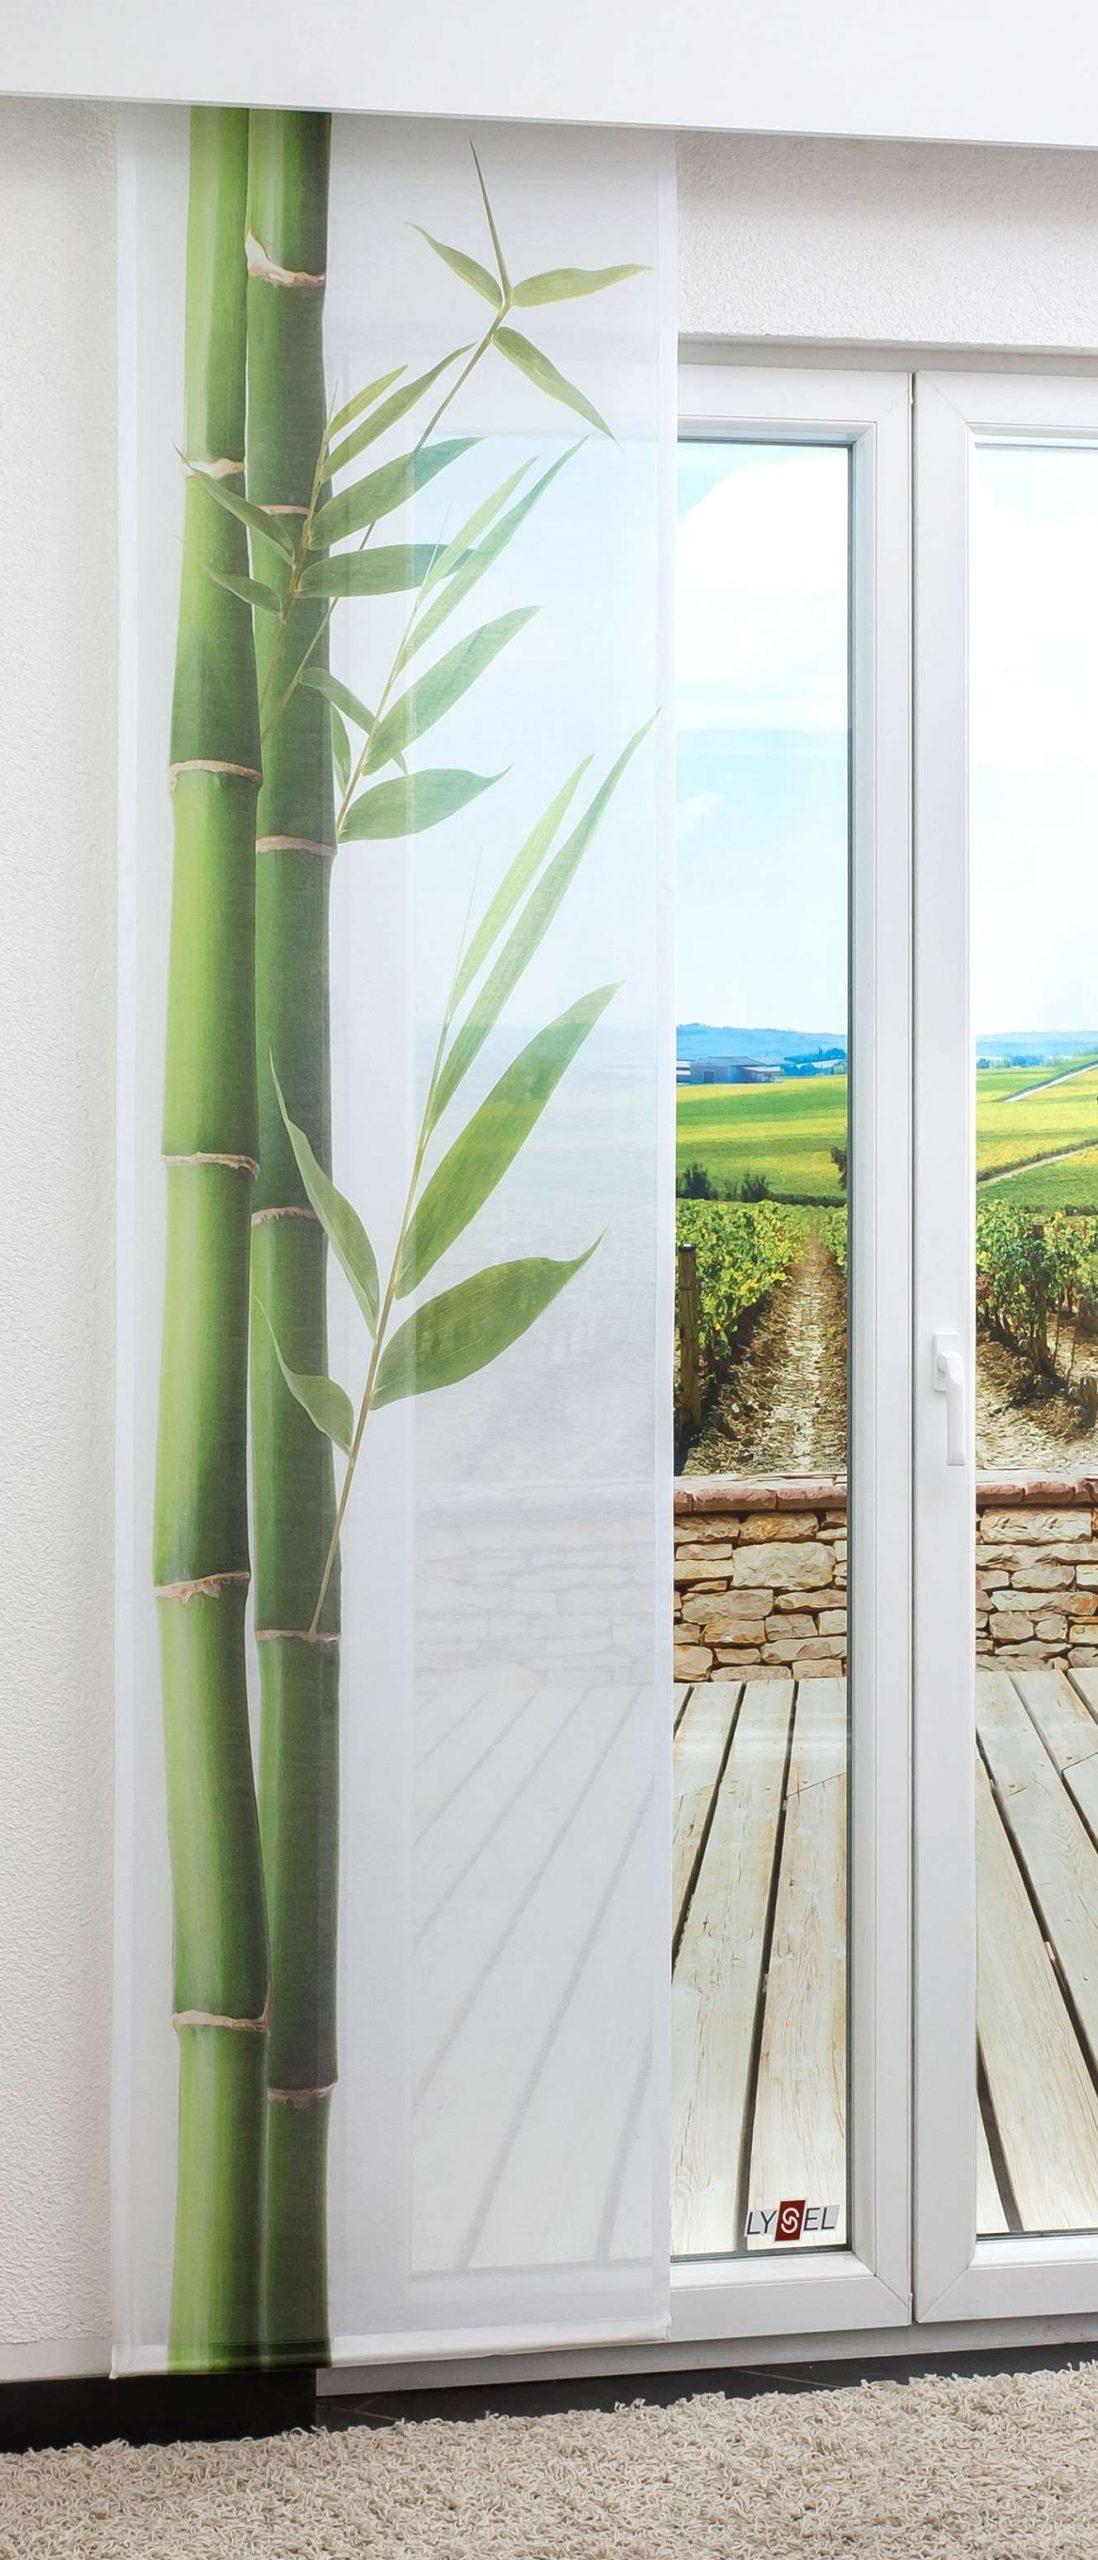 Full Size of Bambus Sichtschutz Obi Schweiz Kunststoff Balkon Fenster Mobile Küche Sichtschutzfolie Immobilien Bad Homburg Garten Im Bett Nobilia Für Einbauküche Wohnzimmer Bambus Sichtschutz Obi